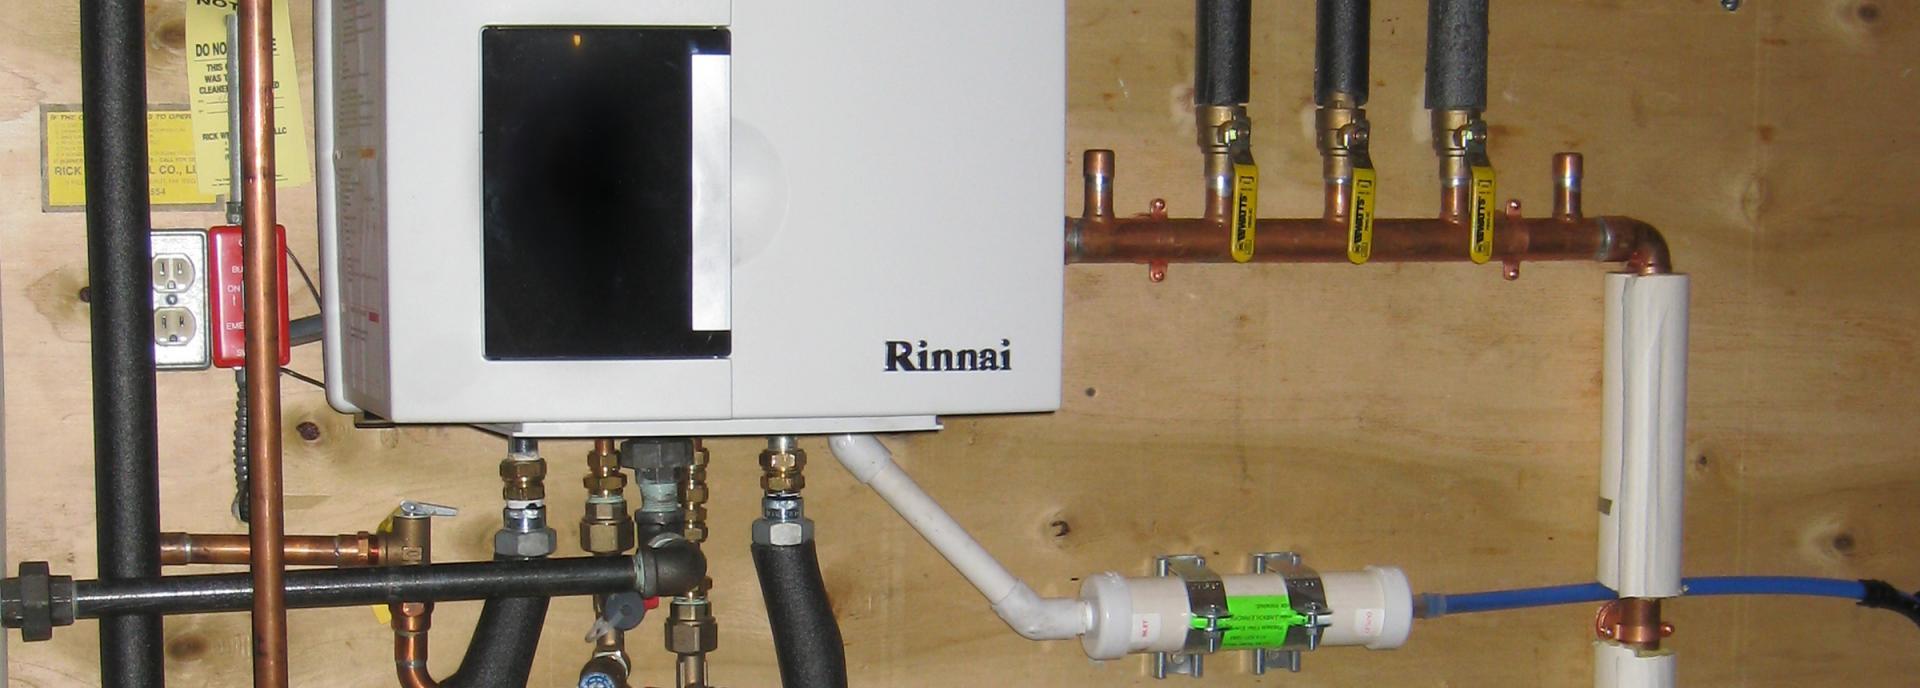 Condensing Gas Boilers Rinnai America Combi Boiler Wiring Diagram For